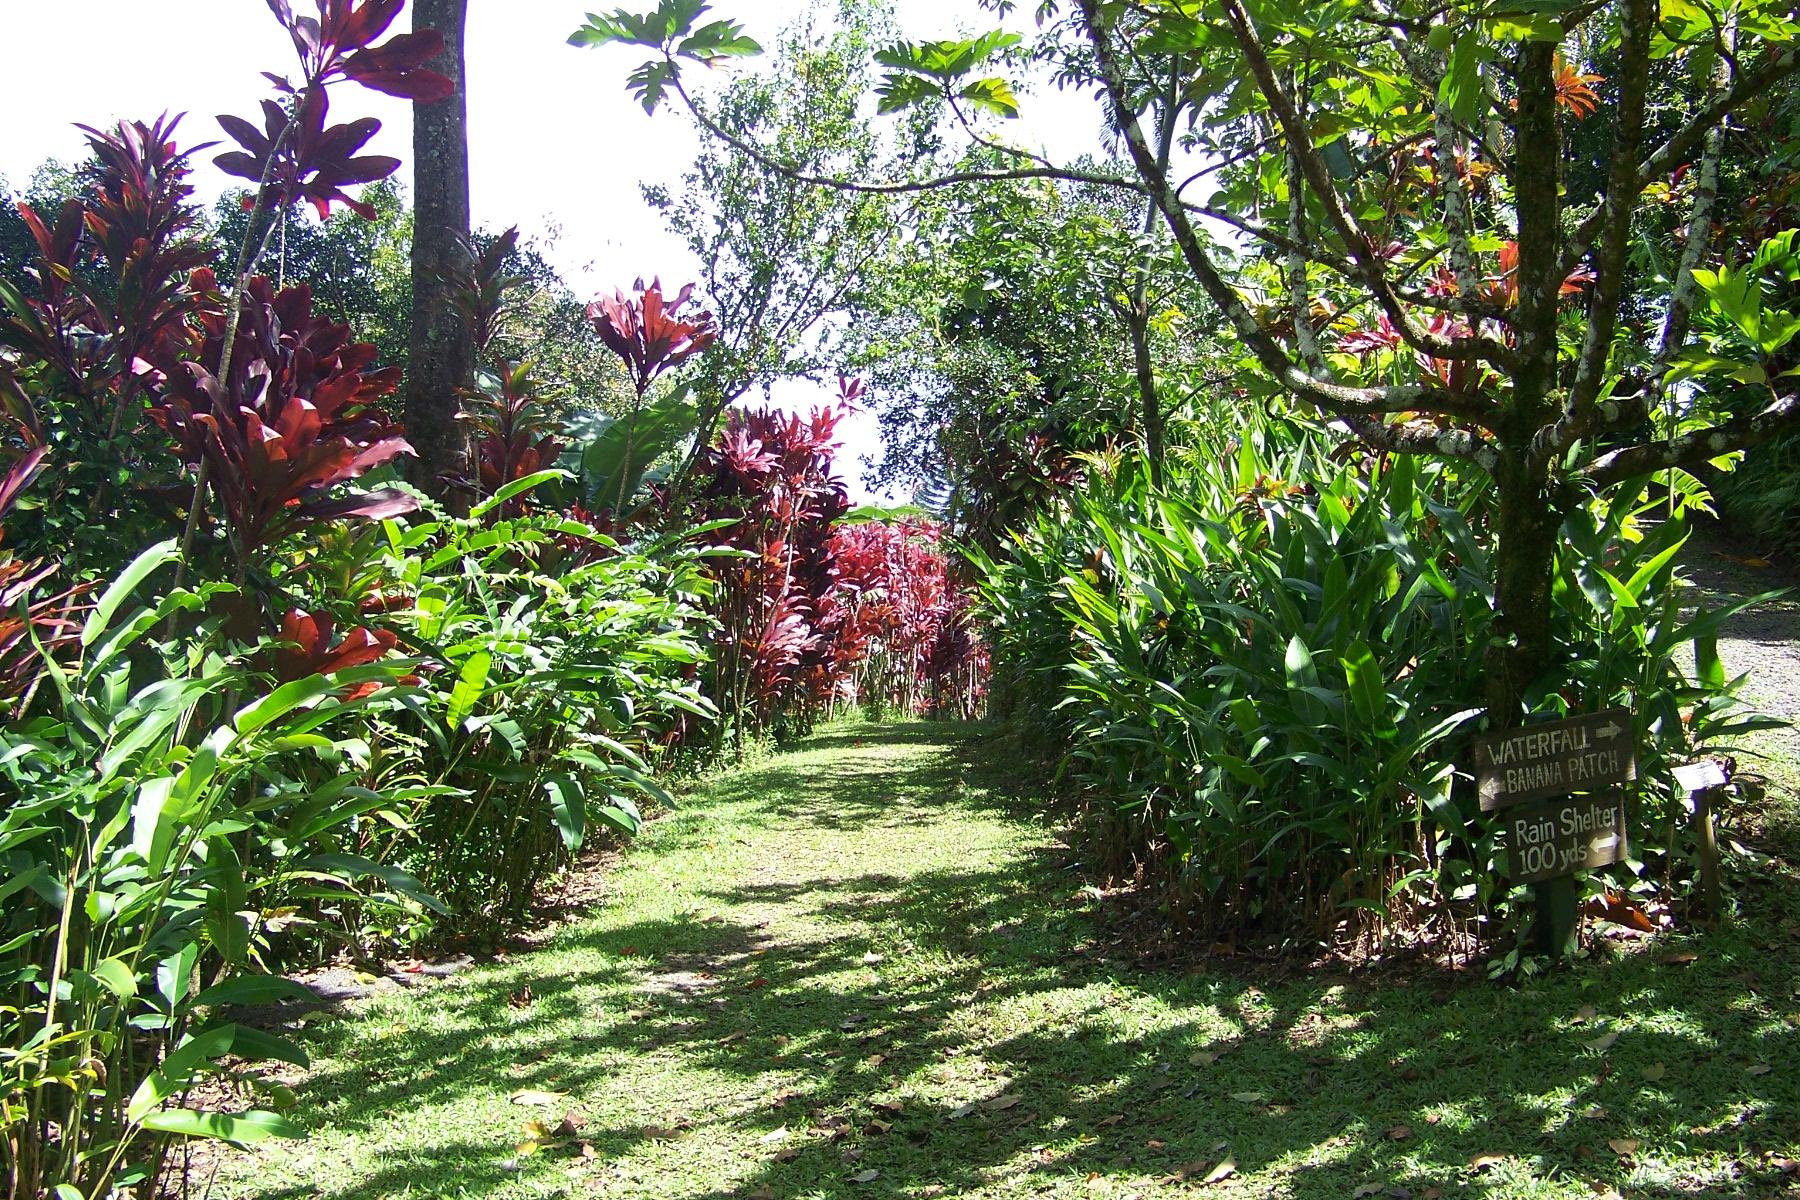 maui garden of eden arboretum